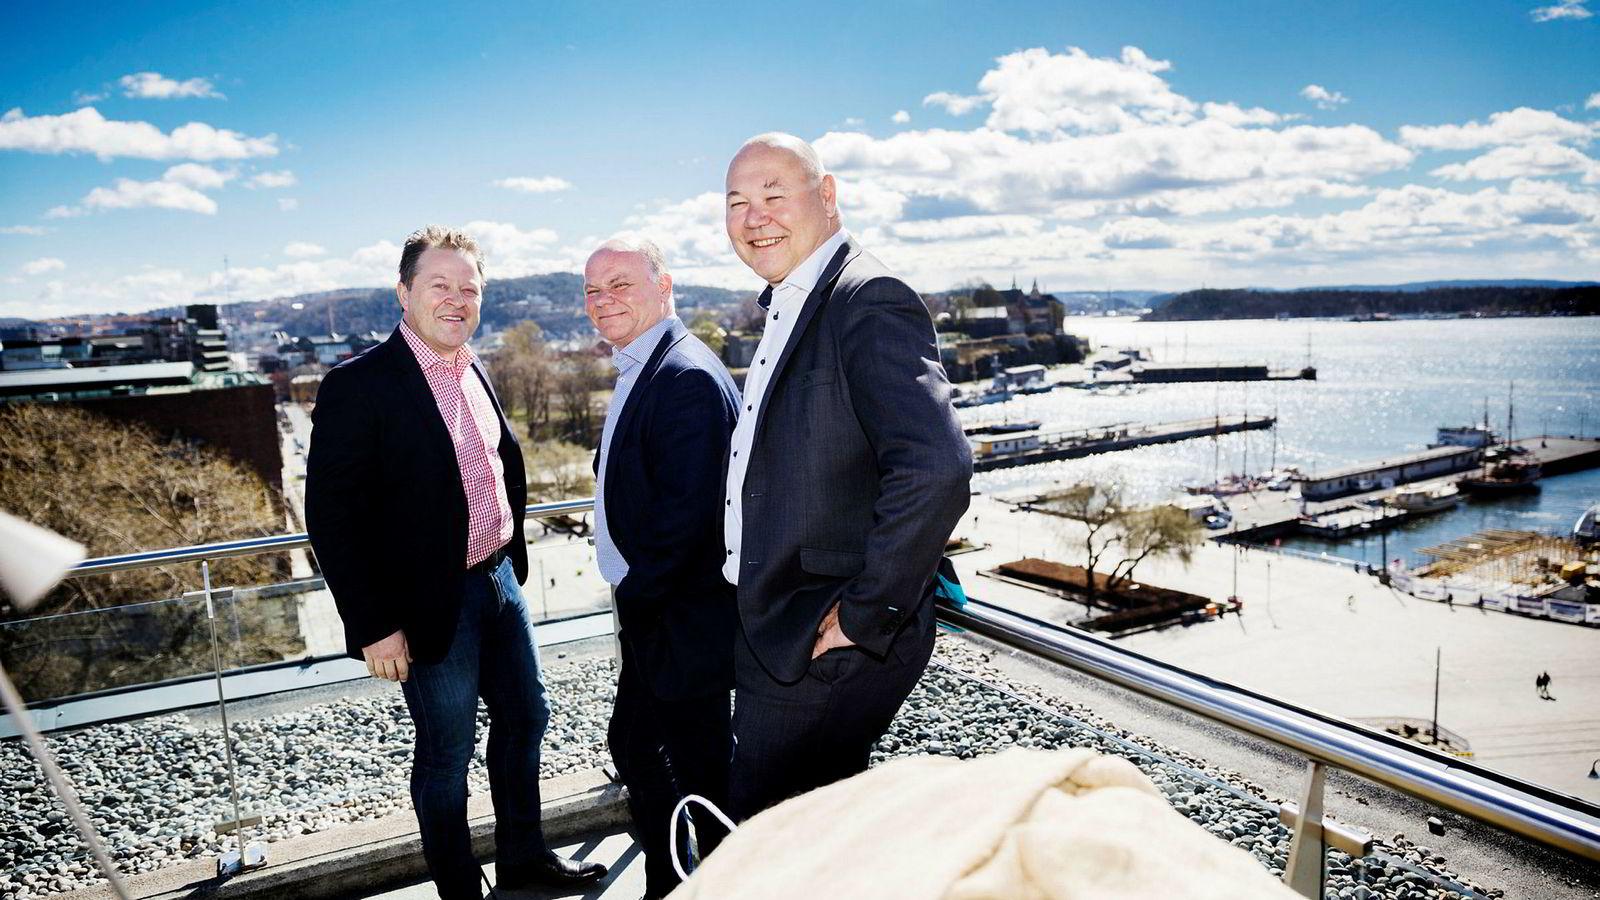 Arne Hjeltnes (til venstre) er styreleder i Norwegian Fish i Mehamn i Finnmark. Her sammen med investorene Thorbjørn Theie og Jørn-Gunnar Jacobsen.